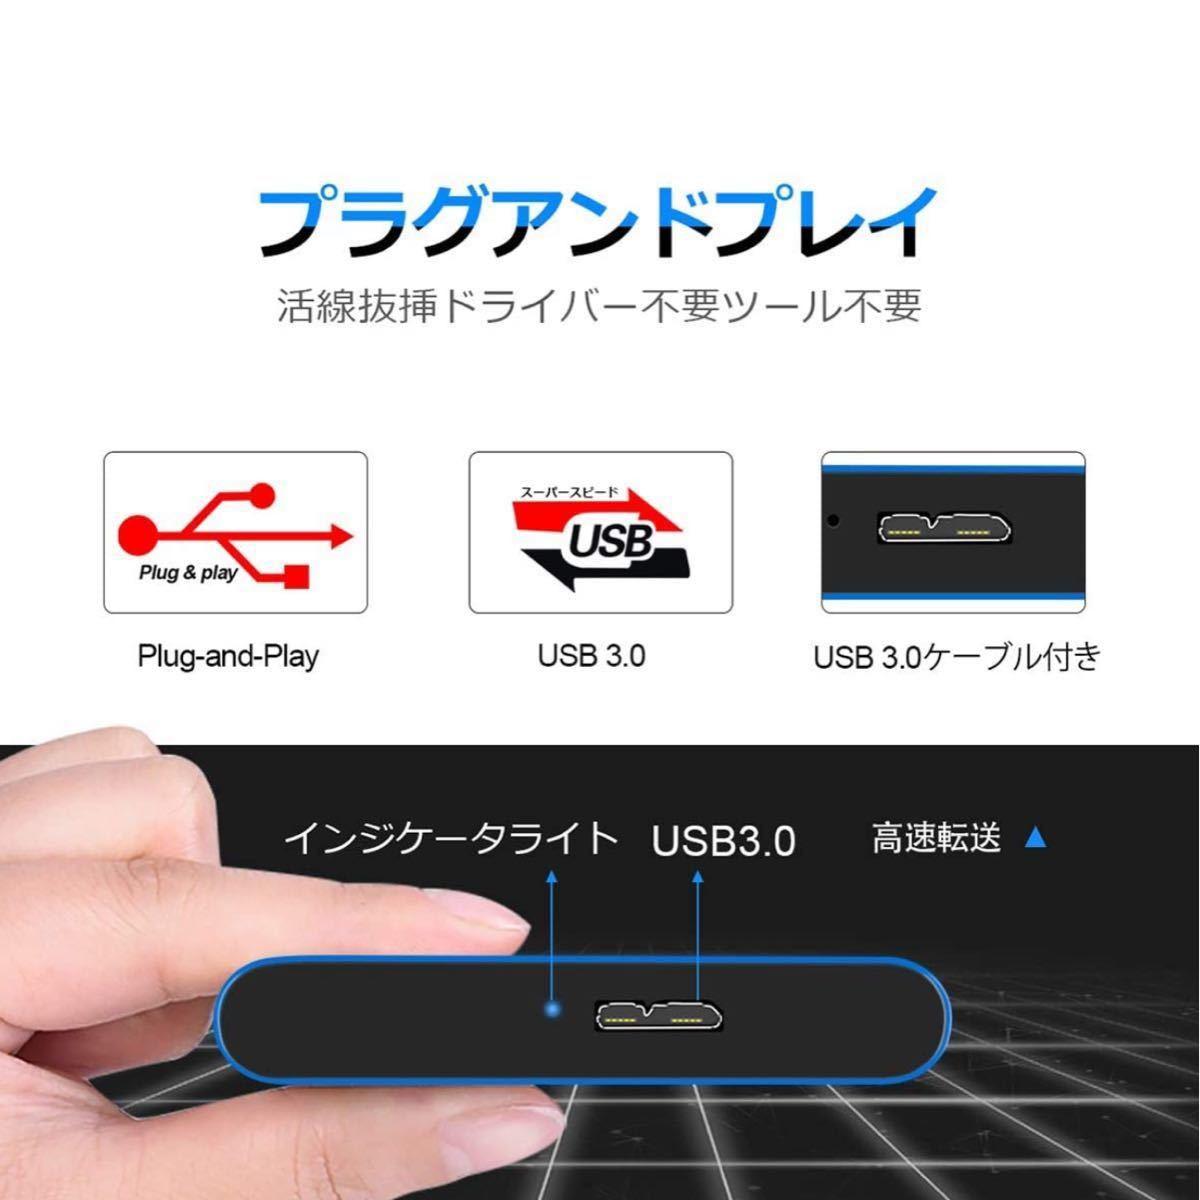 外付けHDD 1TB ポータブルハードディスク USB3.1対応 薄型 BLACK